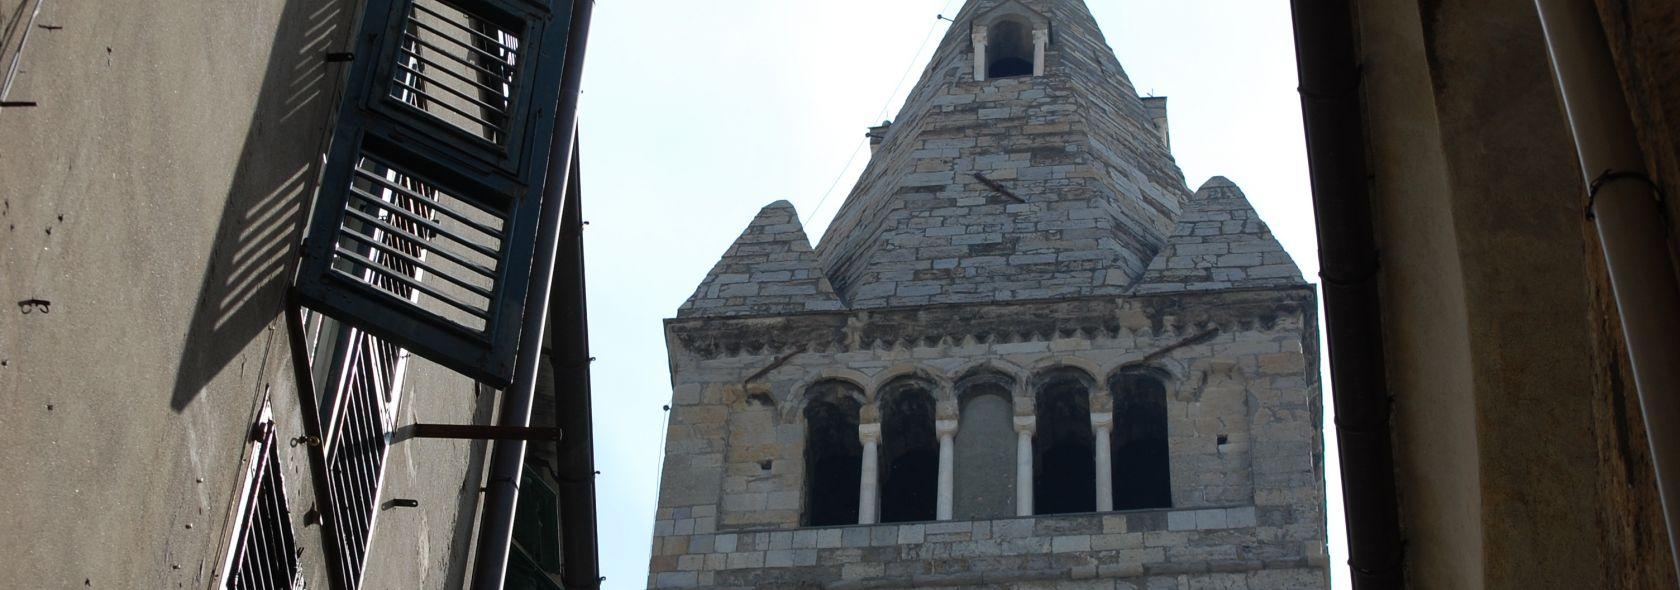 Campanile della Chiesa di Santa Maria delle Vigne